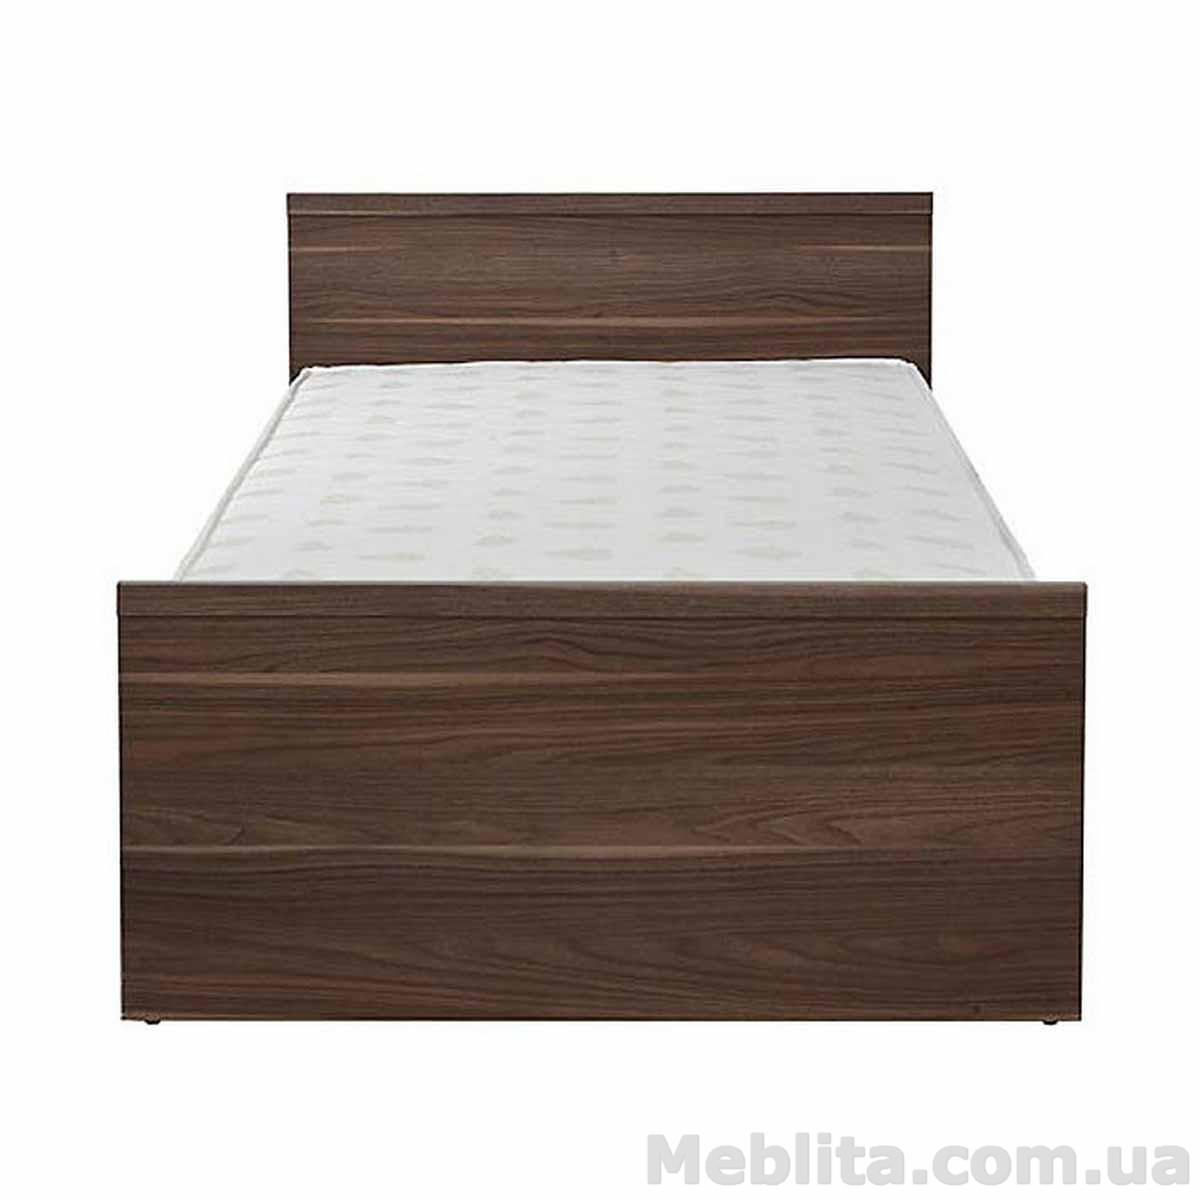 ОПЕН Кровать LOZ 90 (каркас)